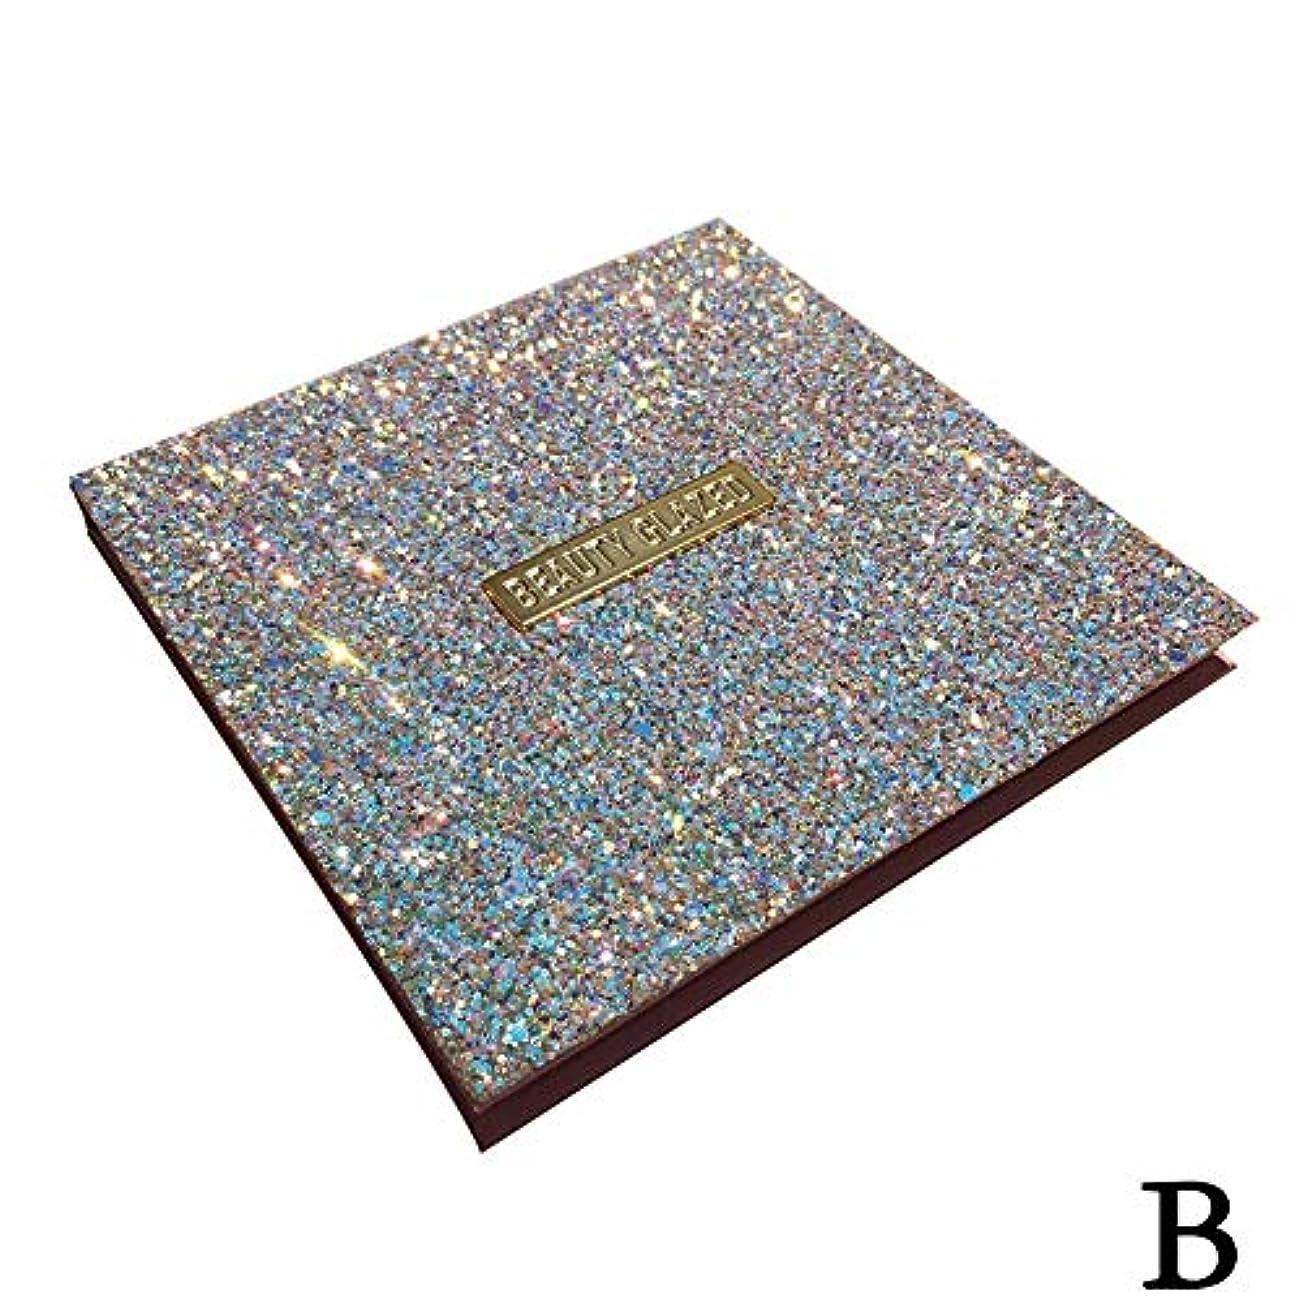 比類なきスリムケーキ(ゴールデン ドリーミング)Golden Dreaming beauty glazed 無光沢の真珠16色のアイシャドウ (B 2#)